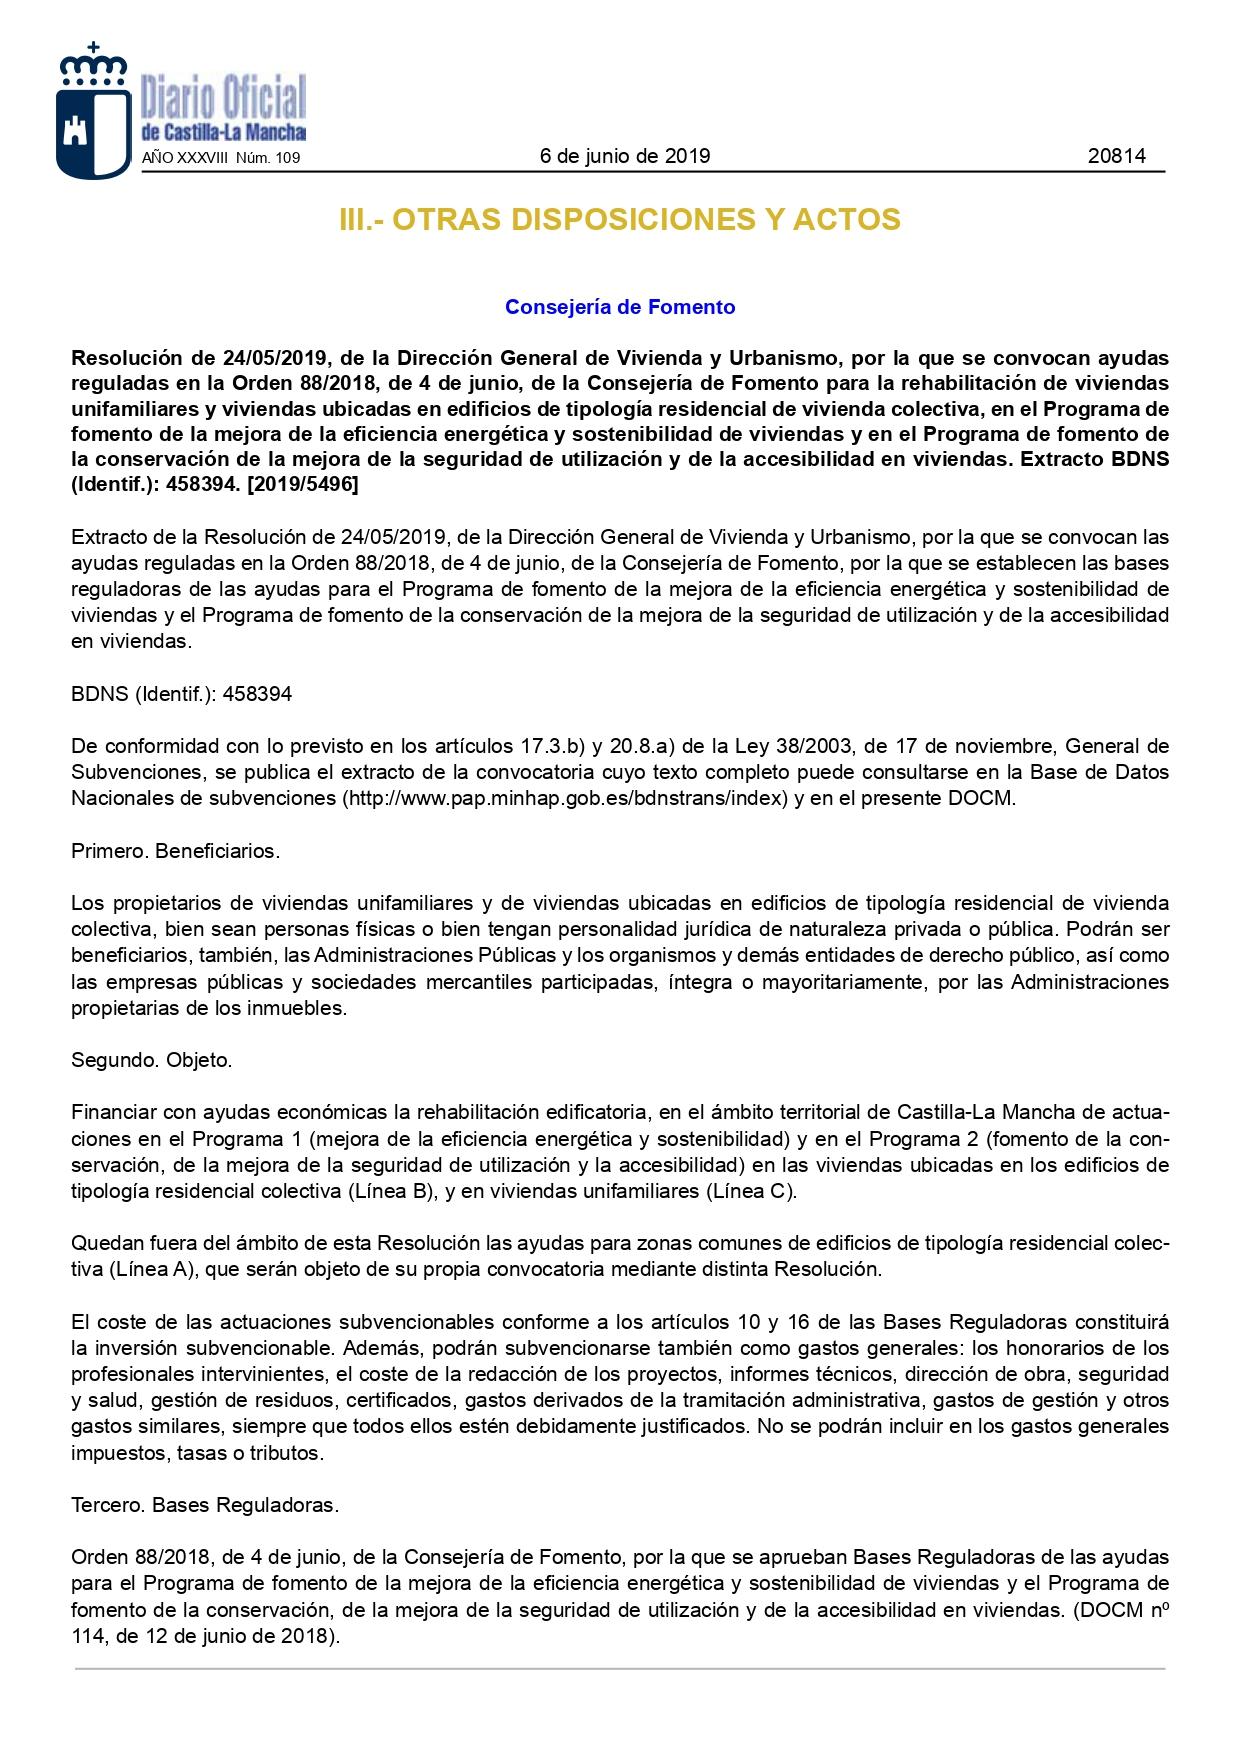 AYUDAS PARA REHABILITACIÓN DE VIVIENDAS_page-0001.jpg